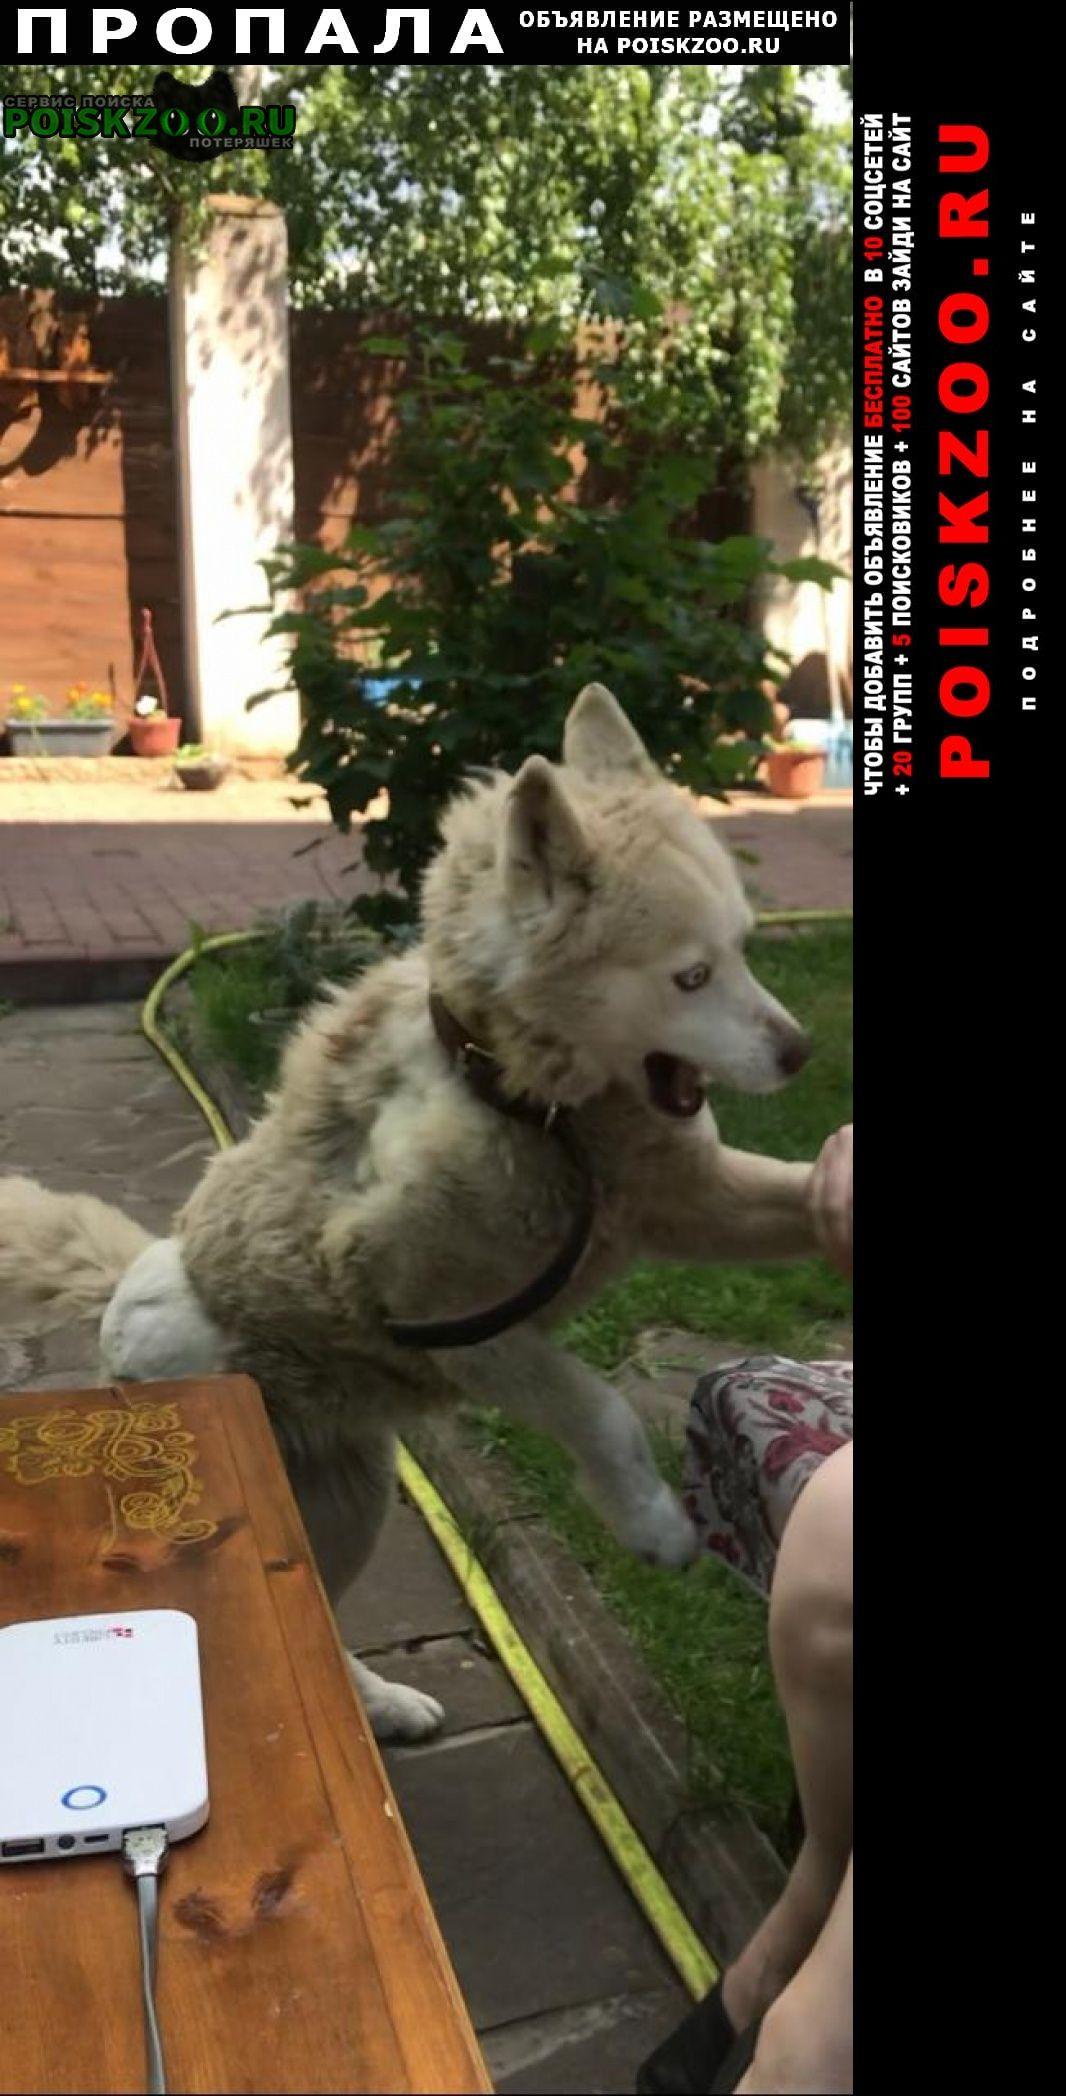 Пропала собака Первомайский (Московская обл.)